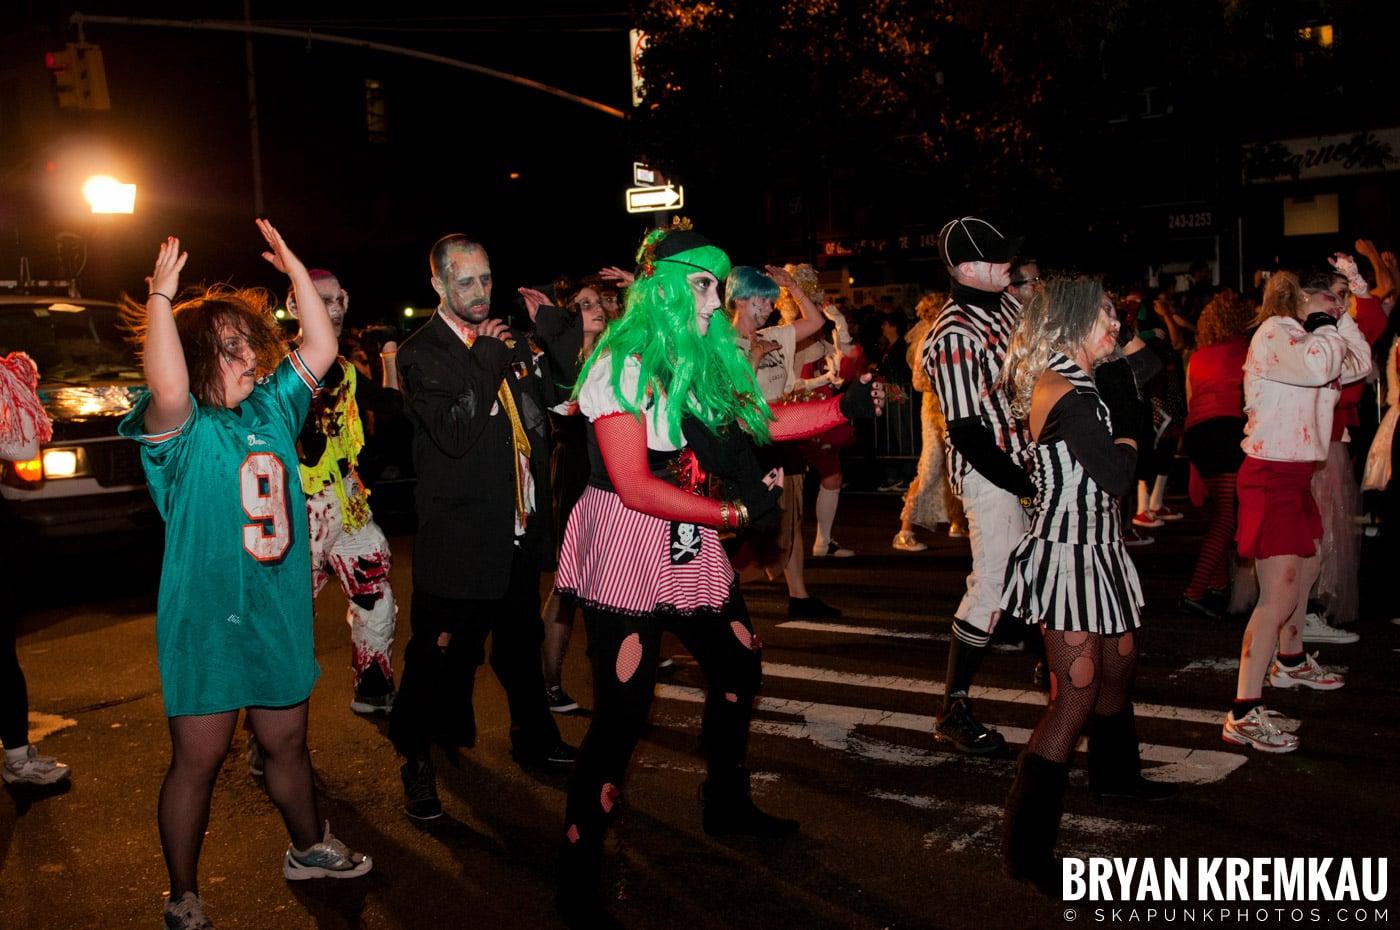 NYC Halloween Parade 2011 @ New York, NY - 10.31.11 (70)